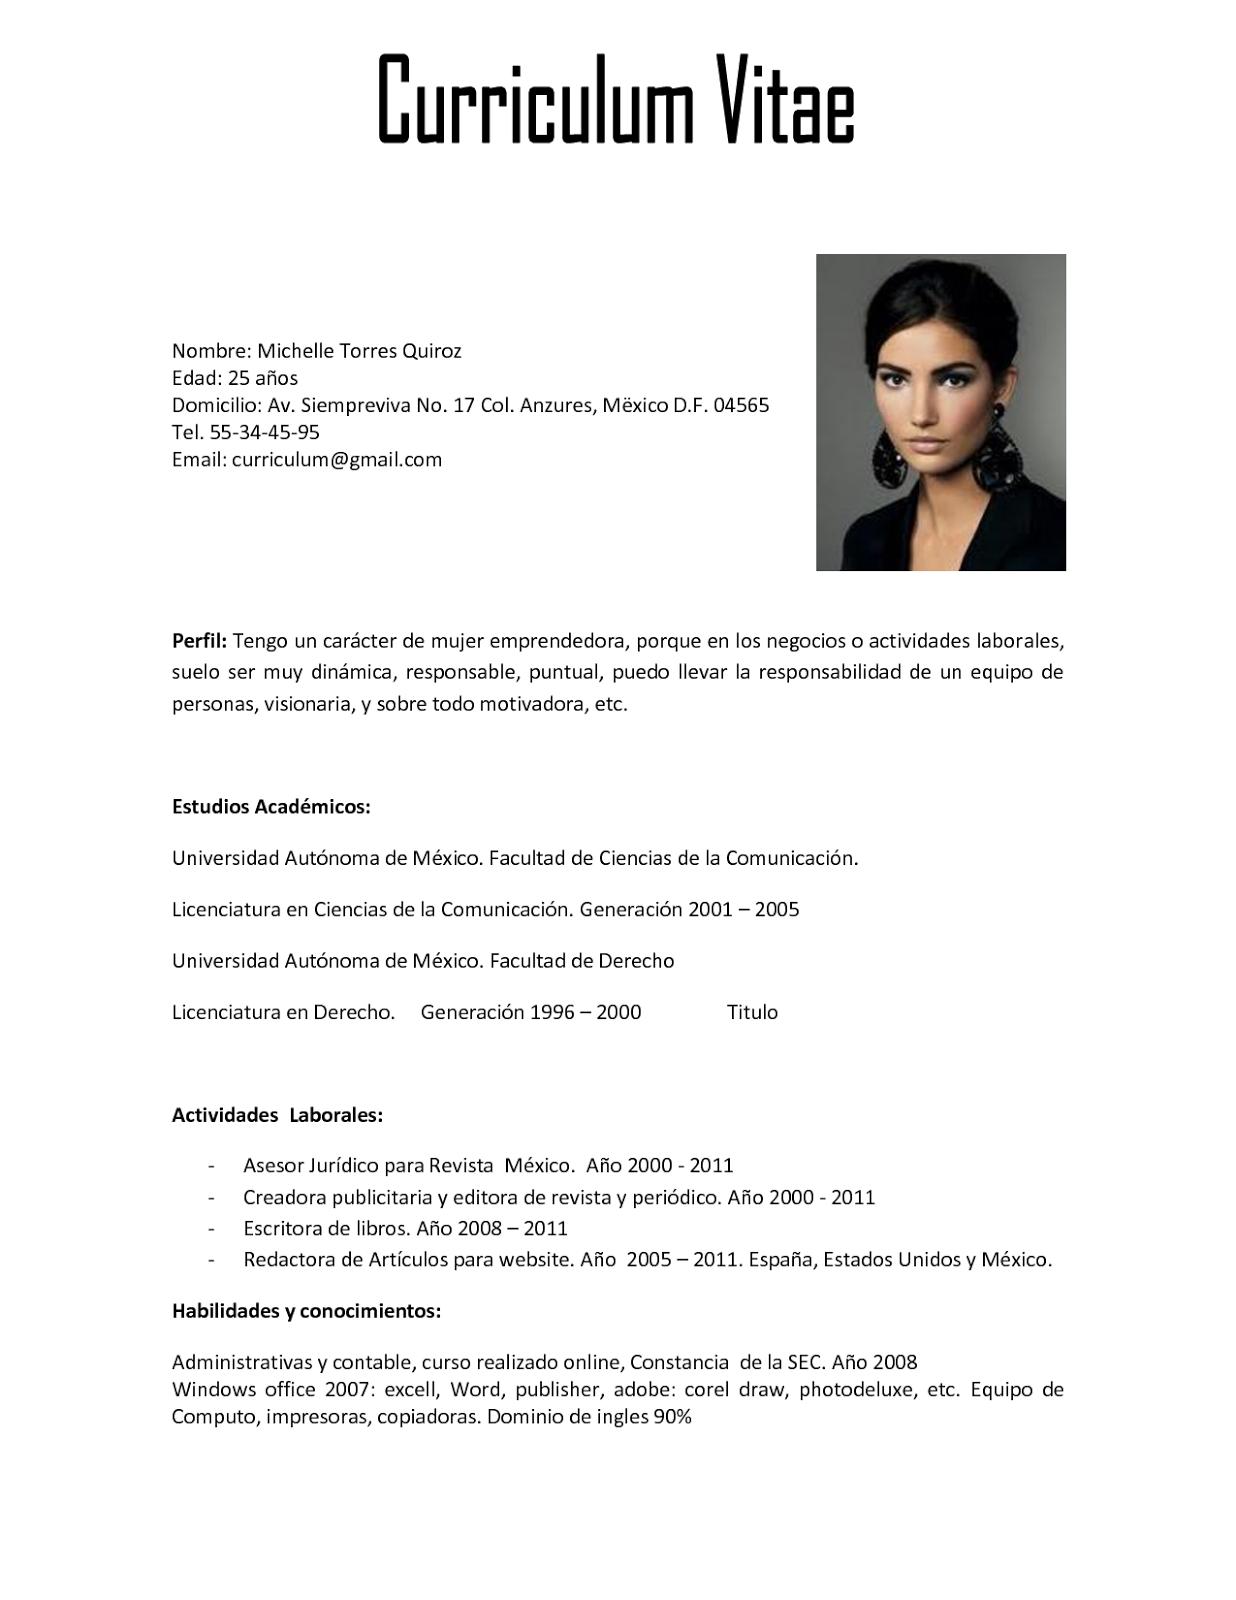 El trabajo de buscar trabajo: Currículum vítae